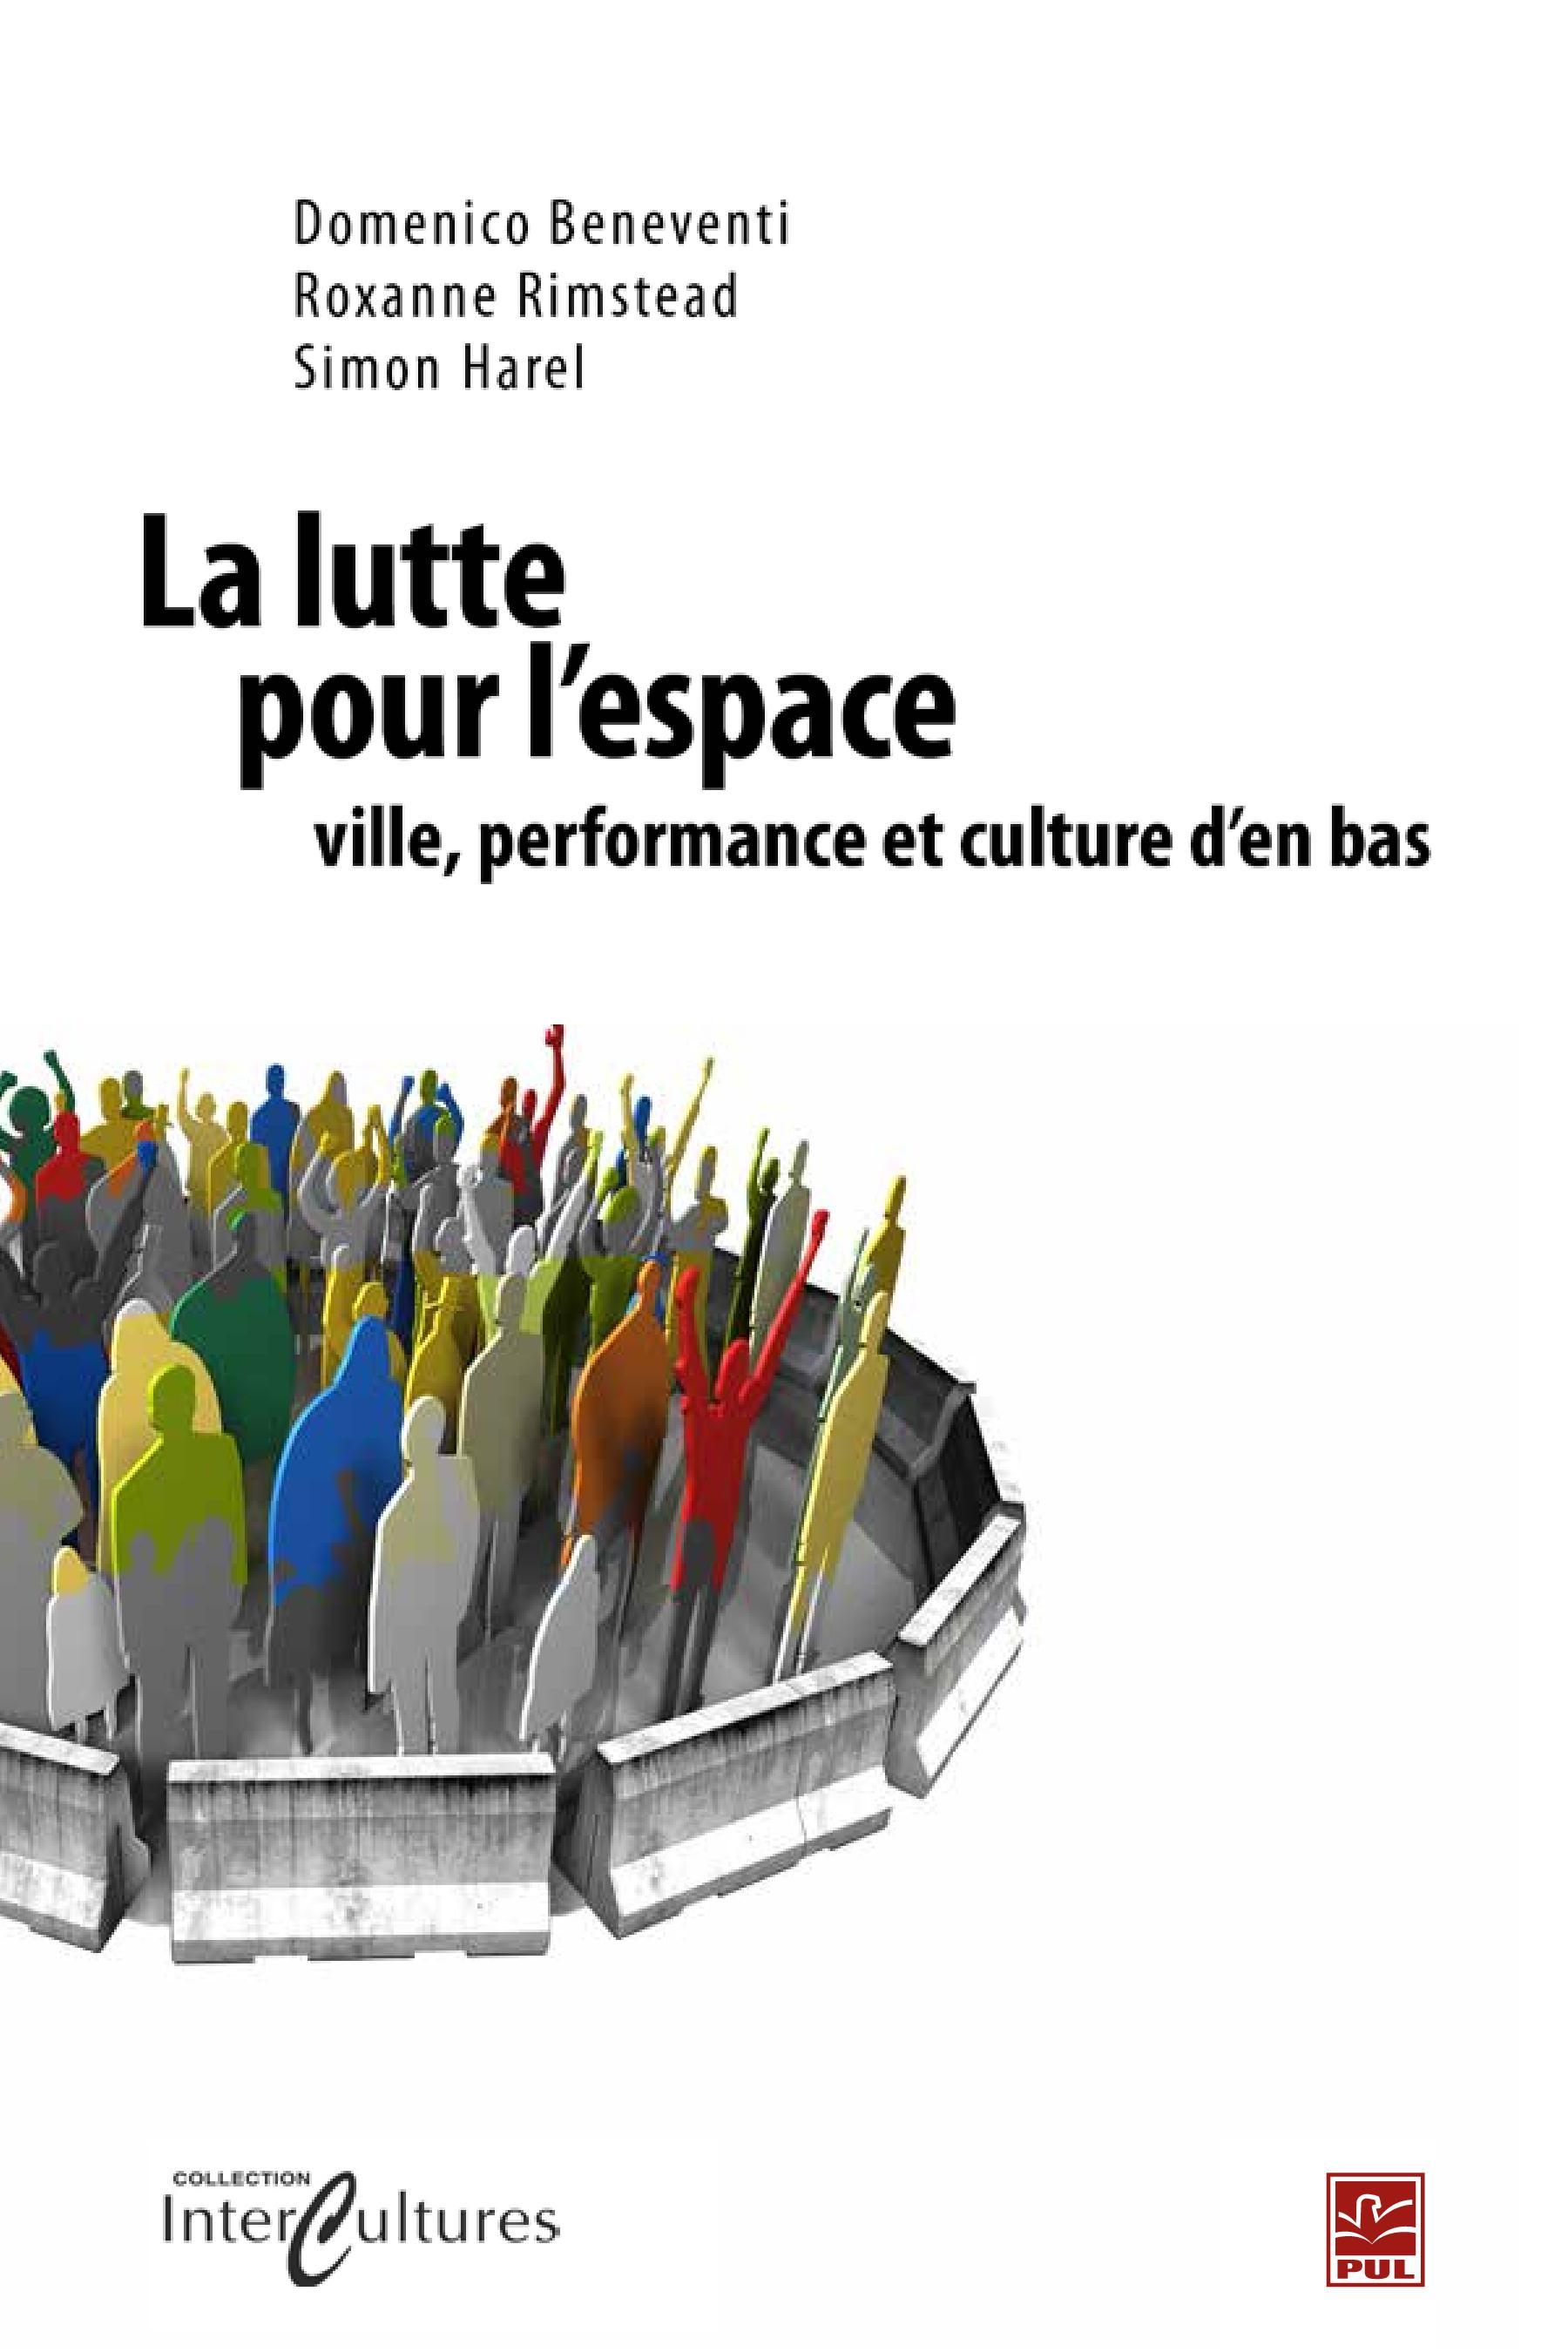 Lutte pour l'espace, ville, performance et culture d'en bas